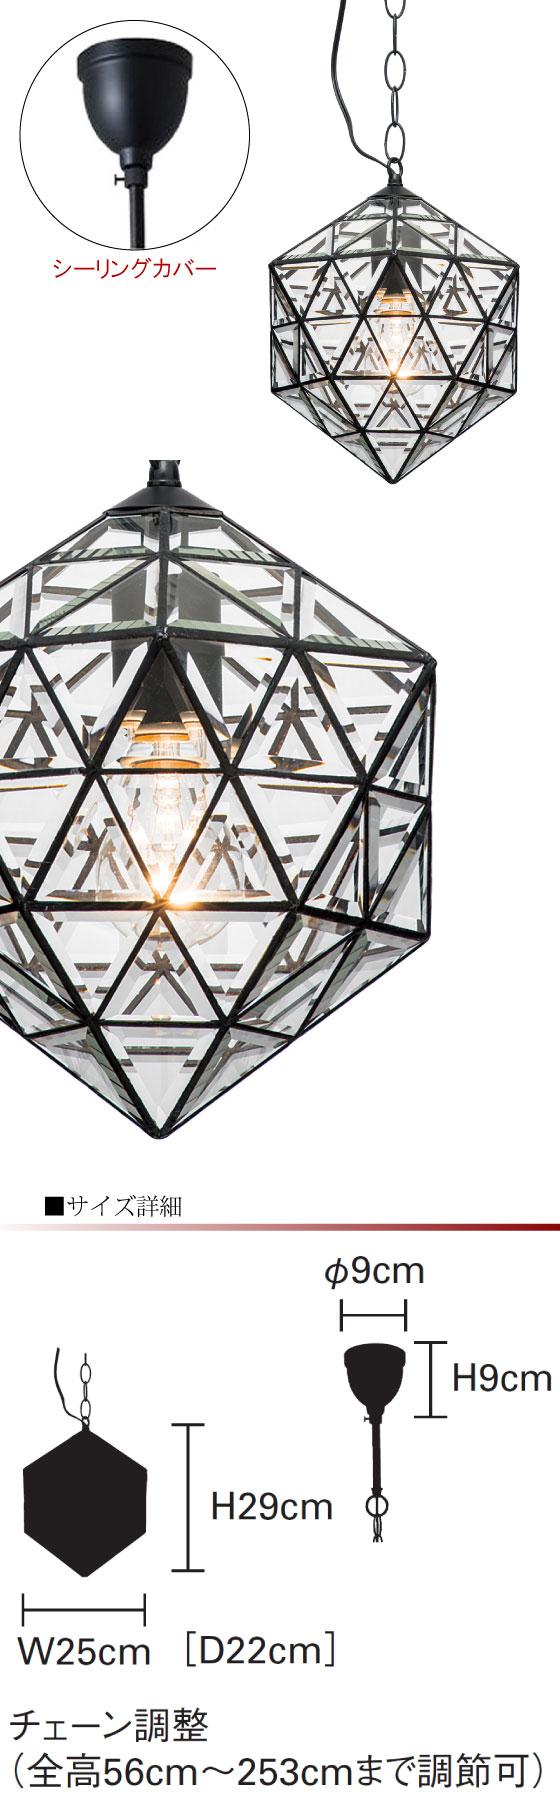 ゴージャスデザイン・ガラス製1灯ペンダントライト(LED対応)【完売しました】